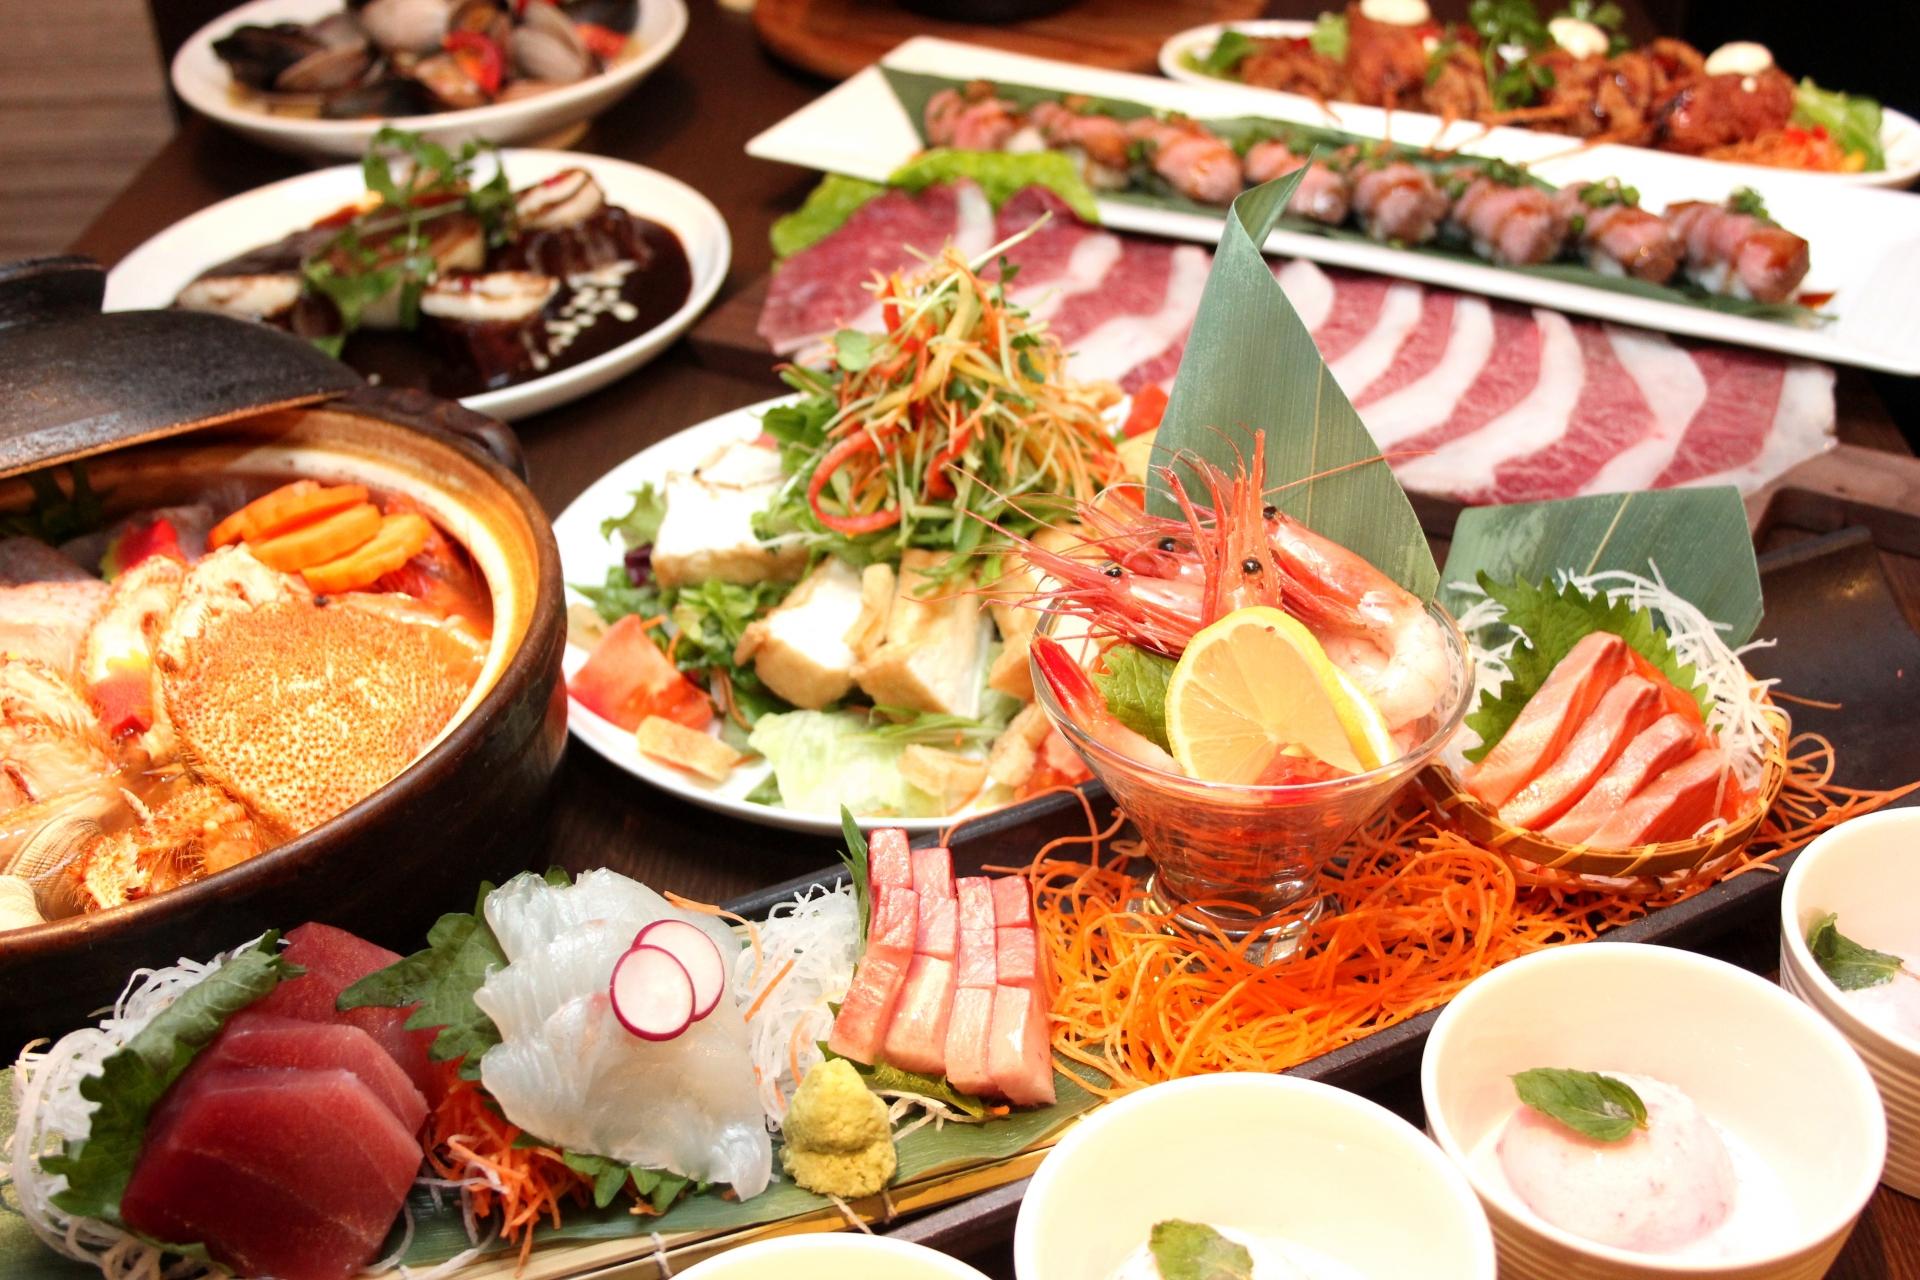 藤枝の居酒屋はおしゃれなお店が多い!飲み放題・個室ありの安い人気店も!